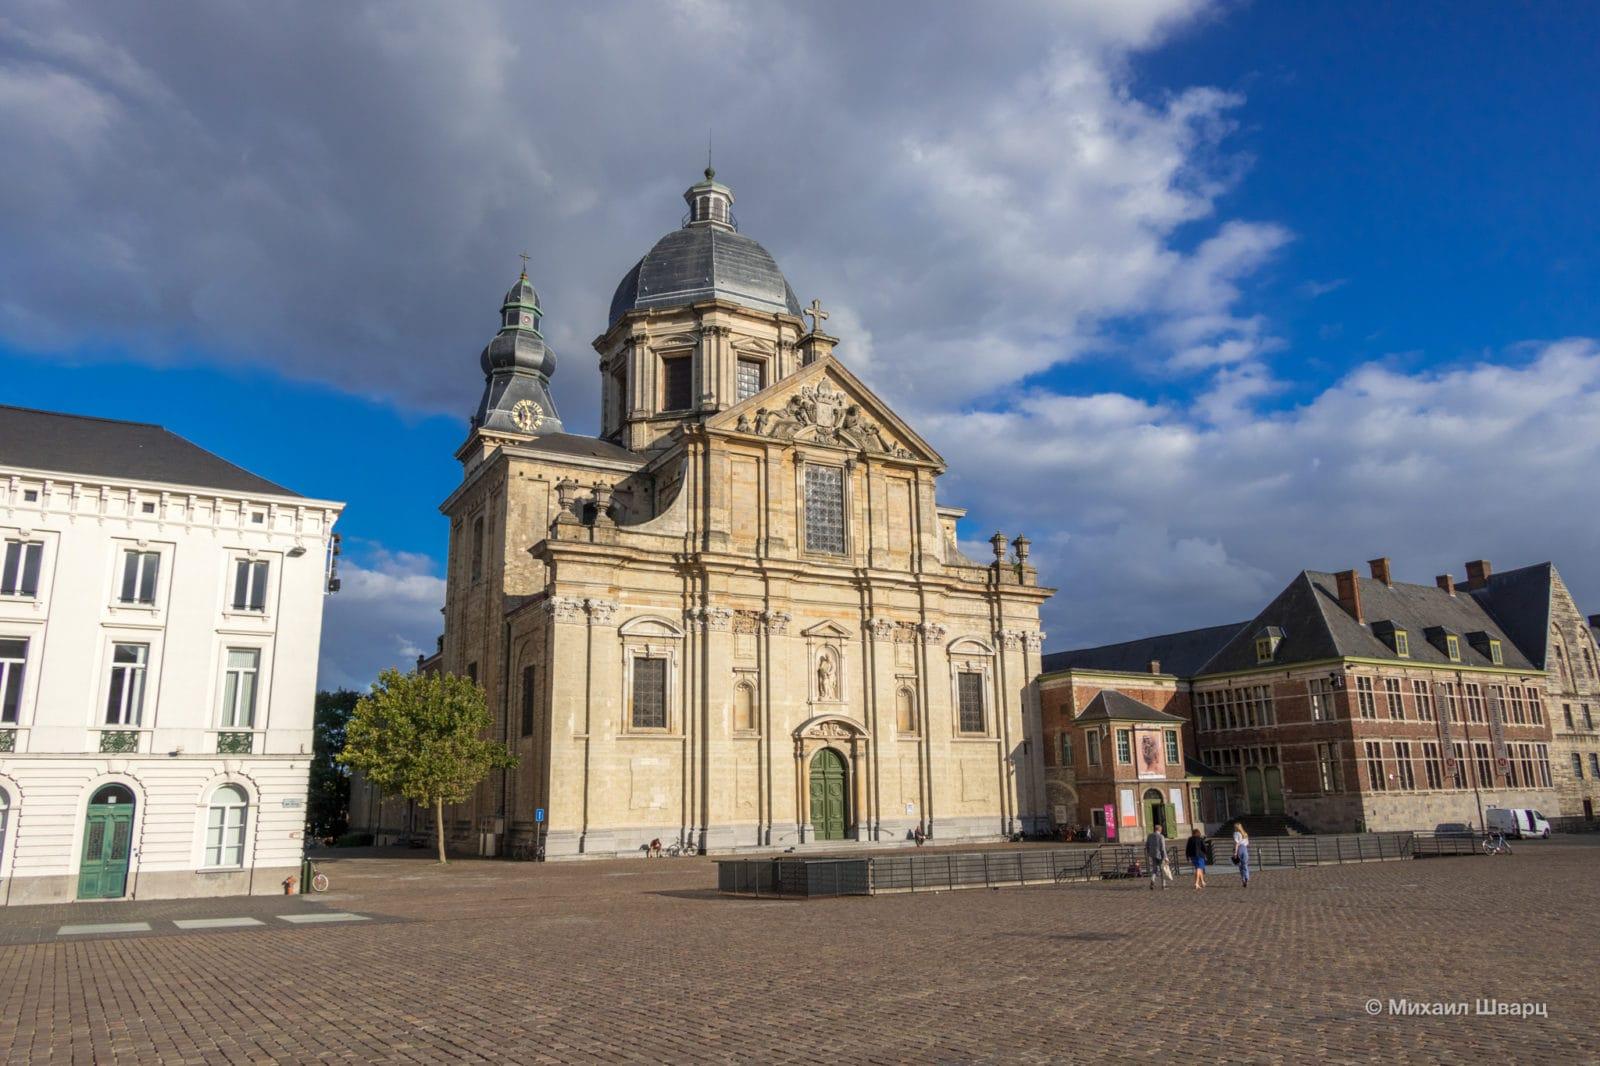 Церковь Богоматери и Святого Петра (Onze-Lieve-Vrouw Sint-Pieters)